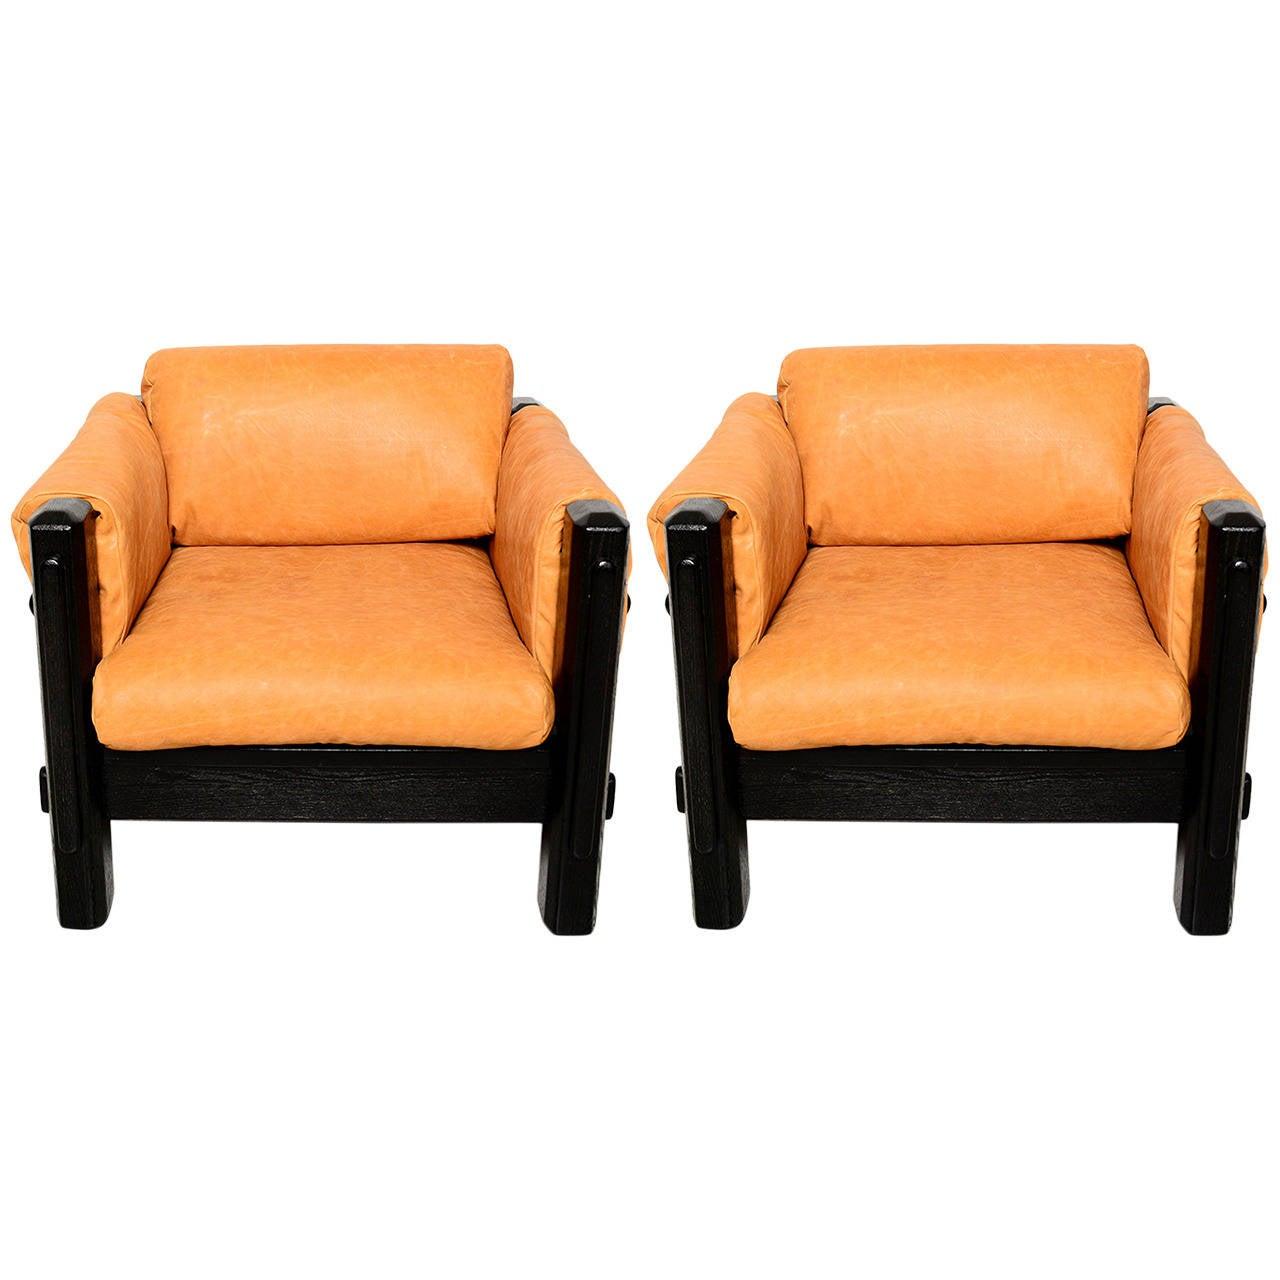 Mid century modern pair of brazilian armchairs for sale at 1stdibs - Brazilian mid century modern furniture ...